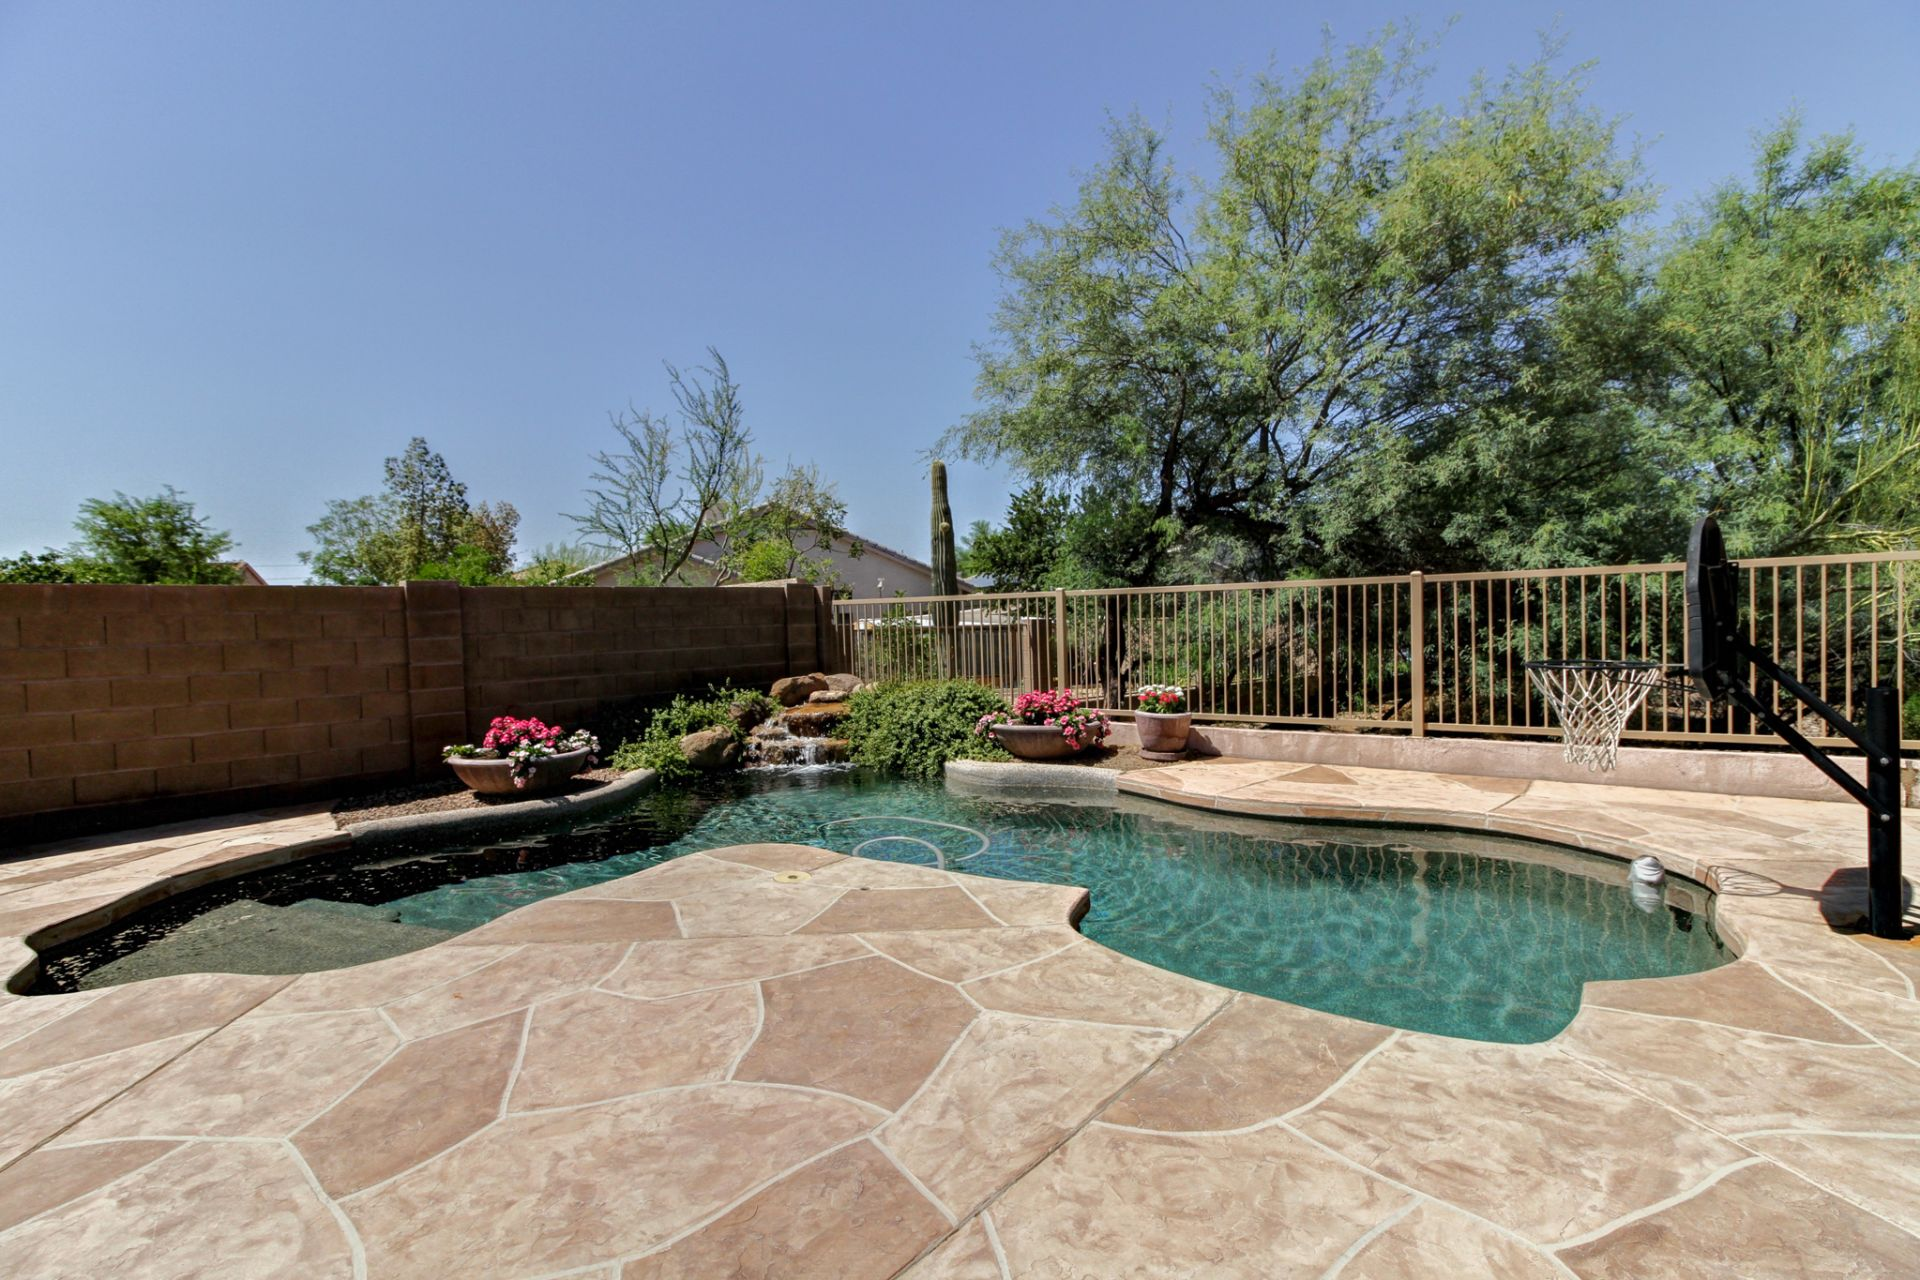 23430 N 21ST WAY, Phoenix, AZ 85024